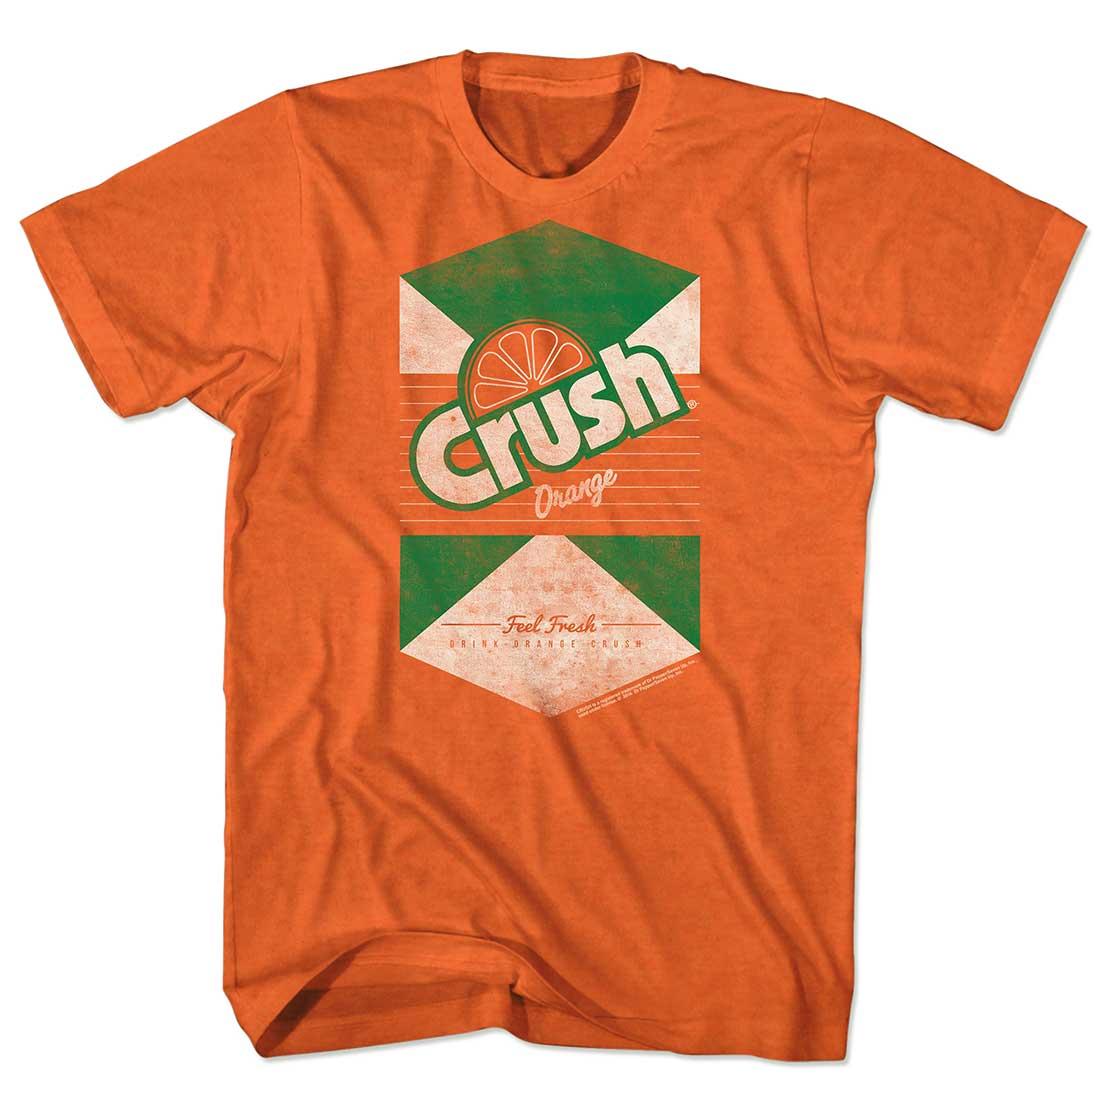 f977294a8 Shirts T-Shirts | Mens | Clothing Accessories - Cracker Barrel